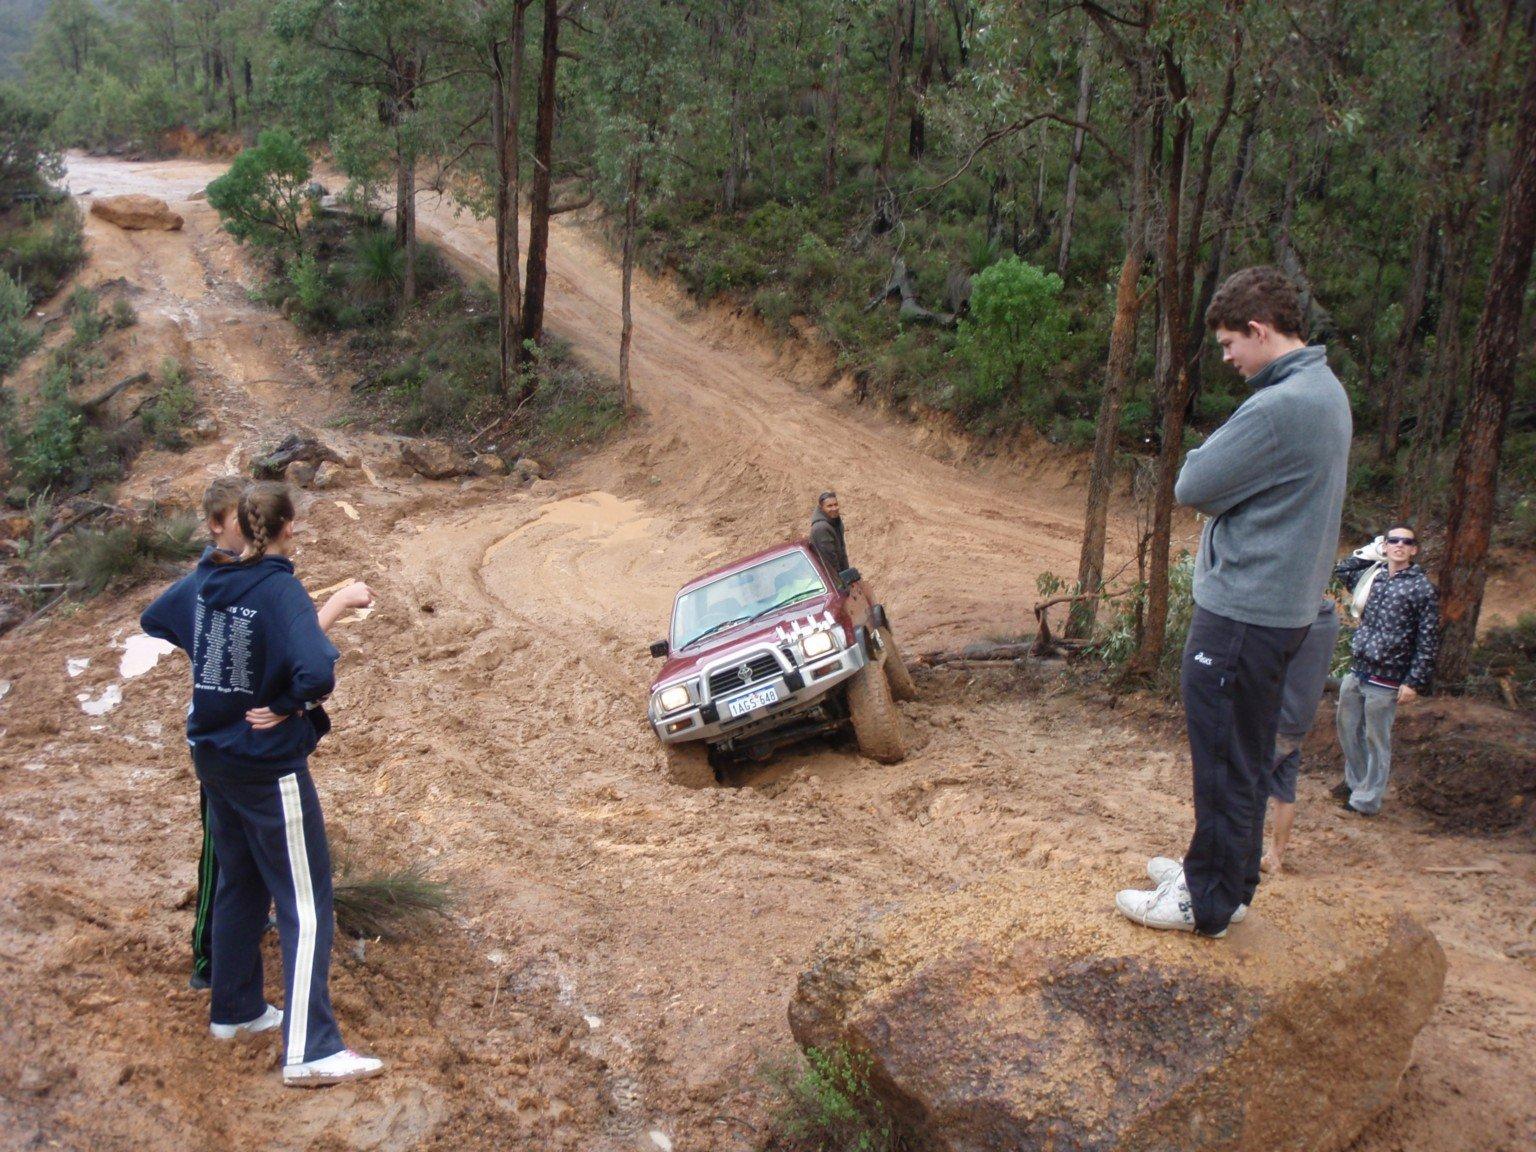 Mundaring in the Mud